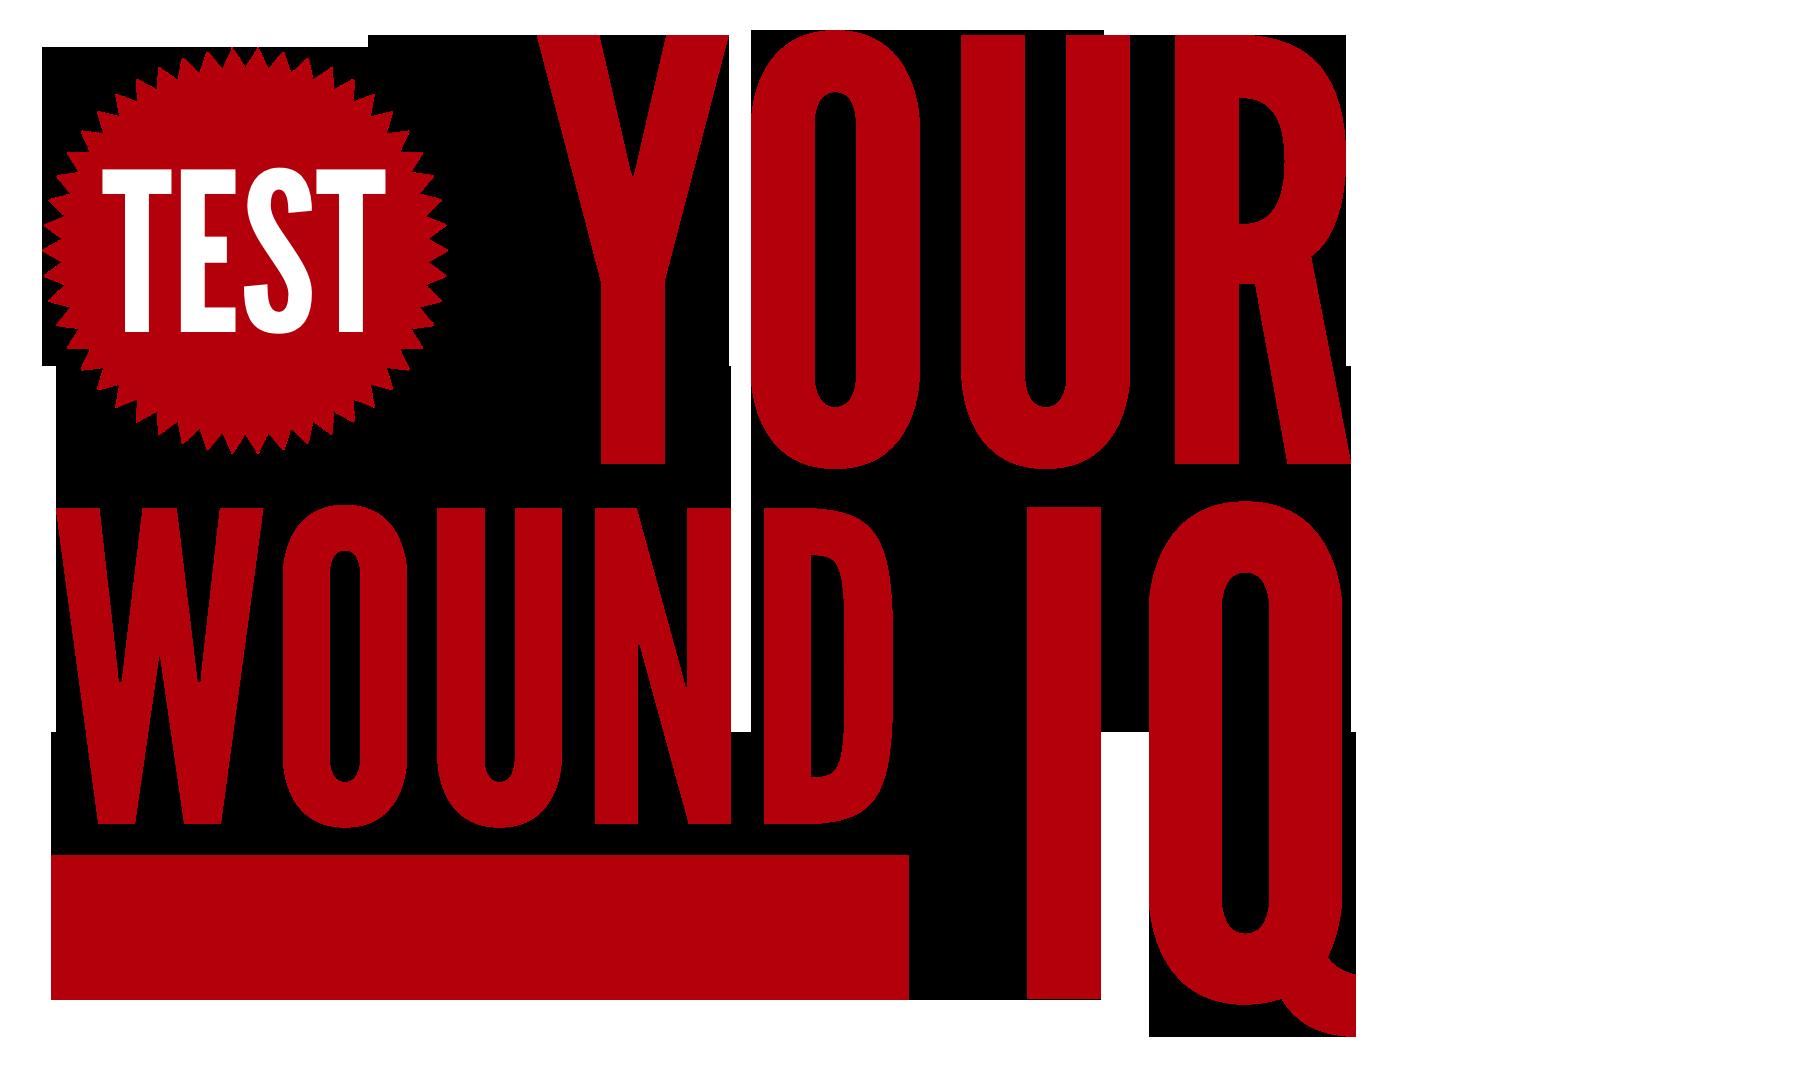 Wound IQ Test